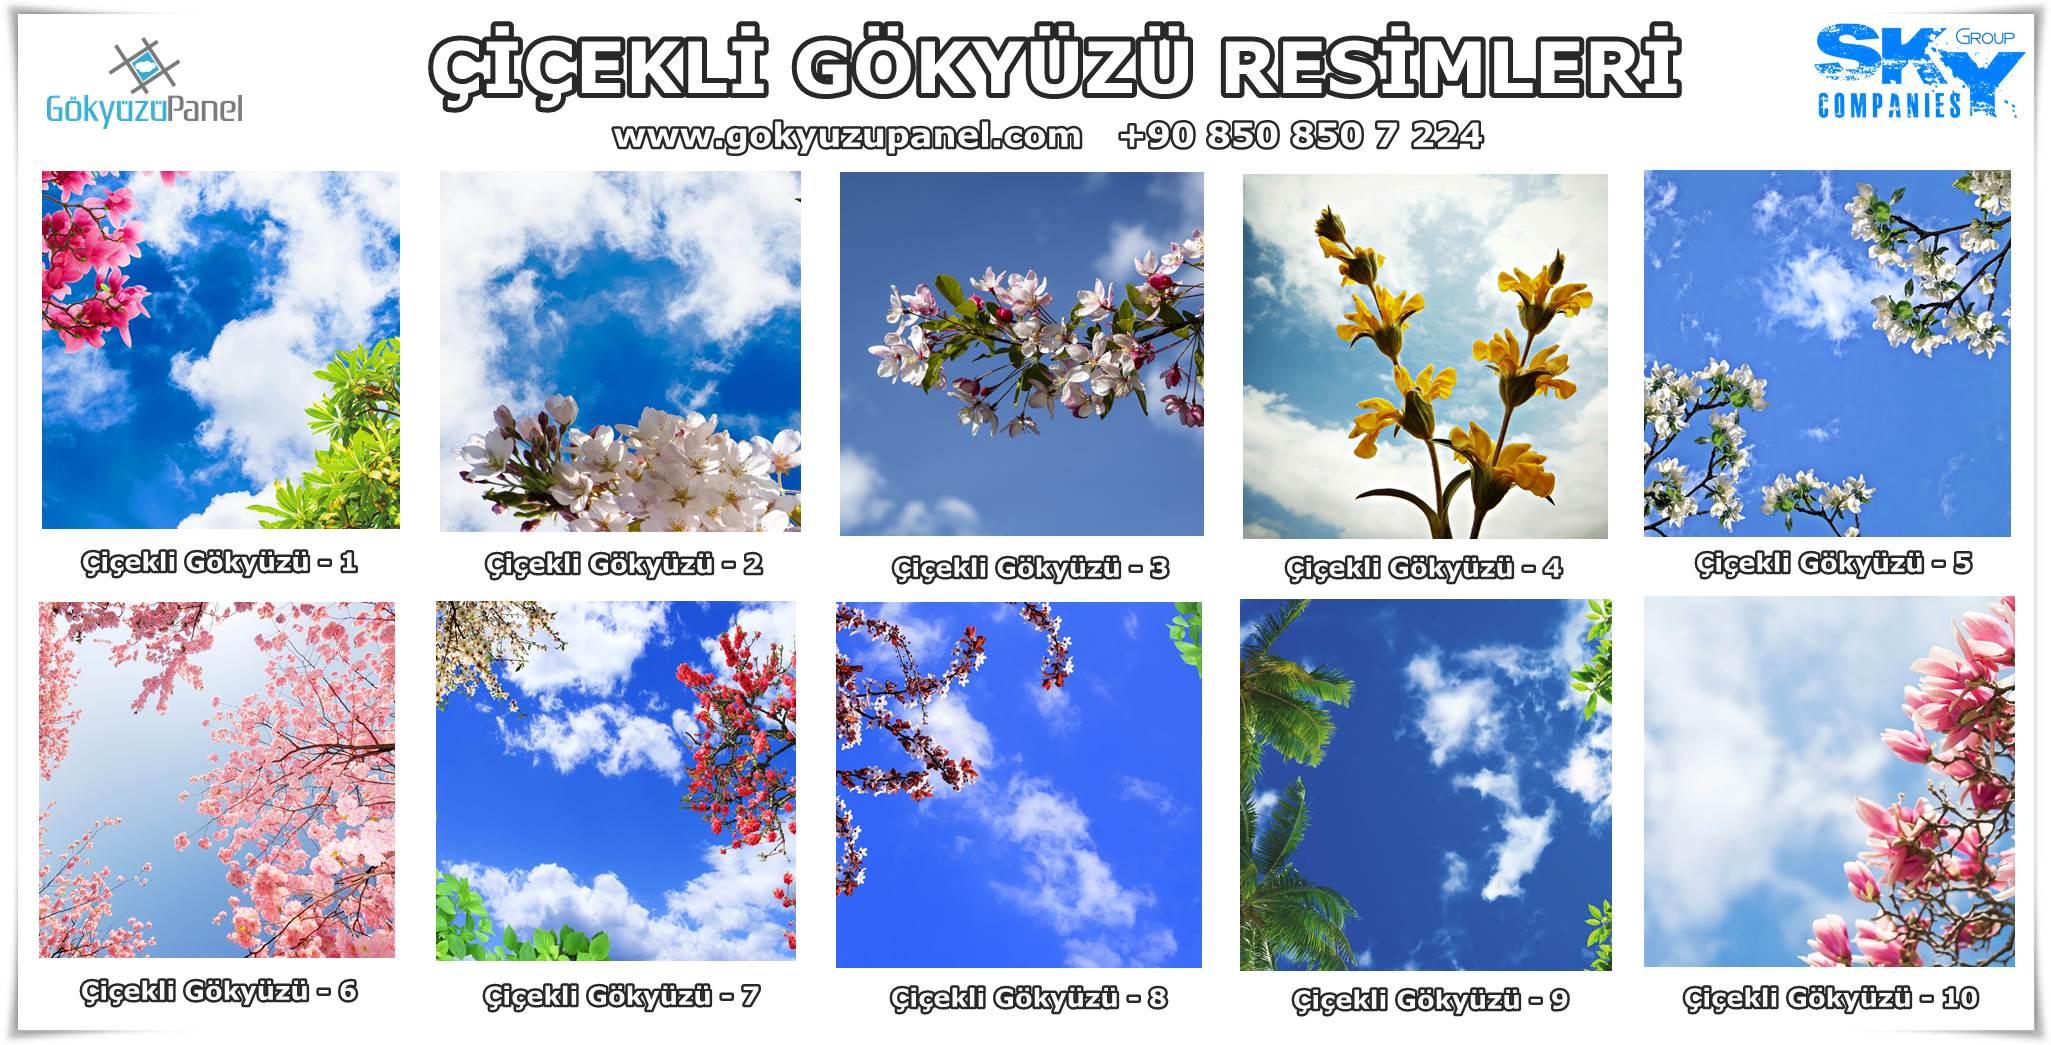 Çiçekli Gökyüzü